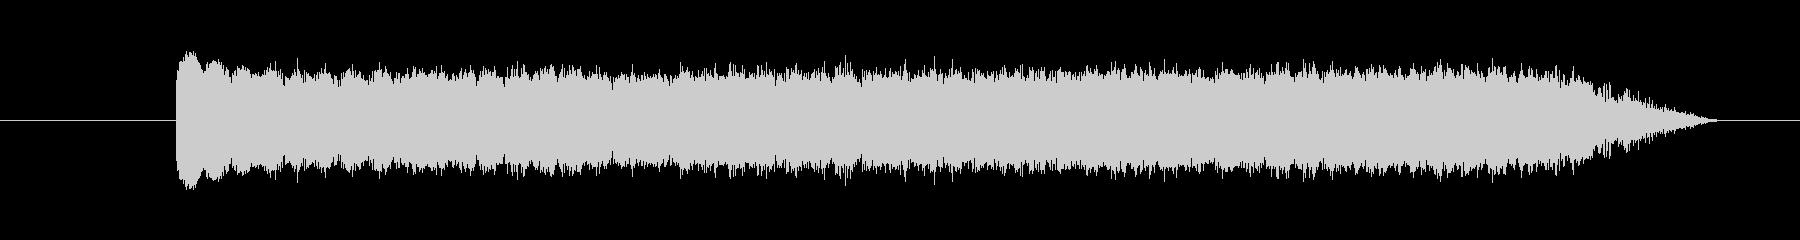 機械 タイルカッター合成05の未再生の波形